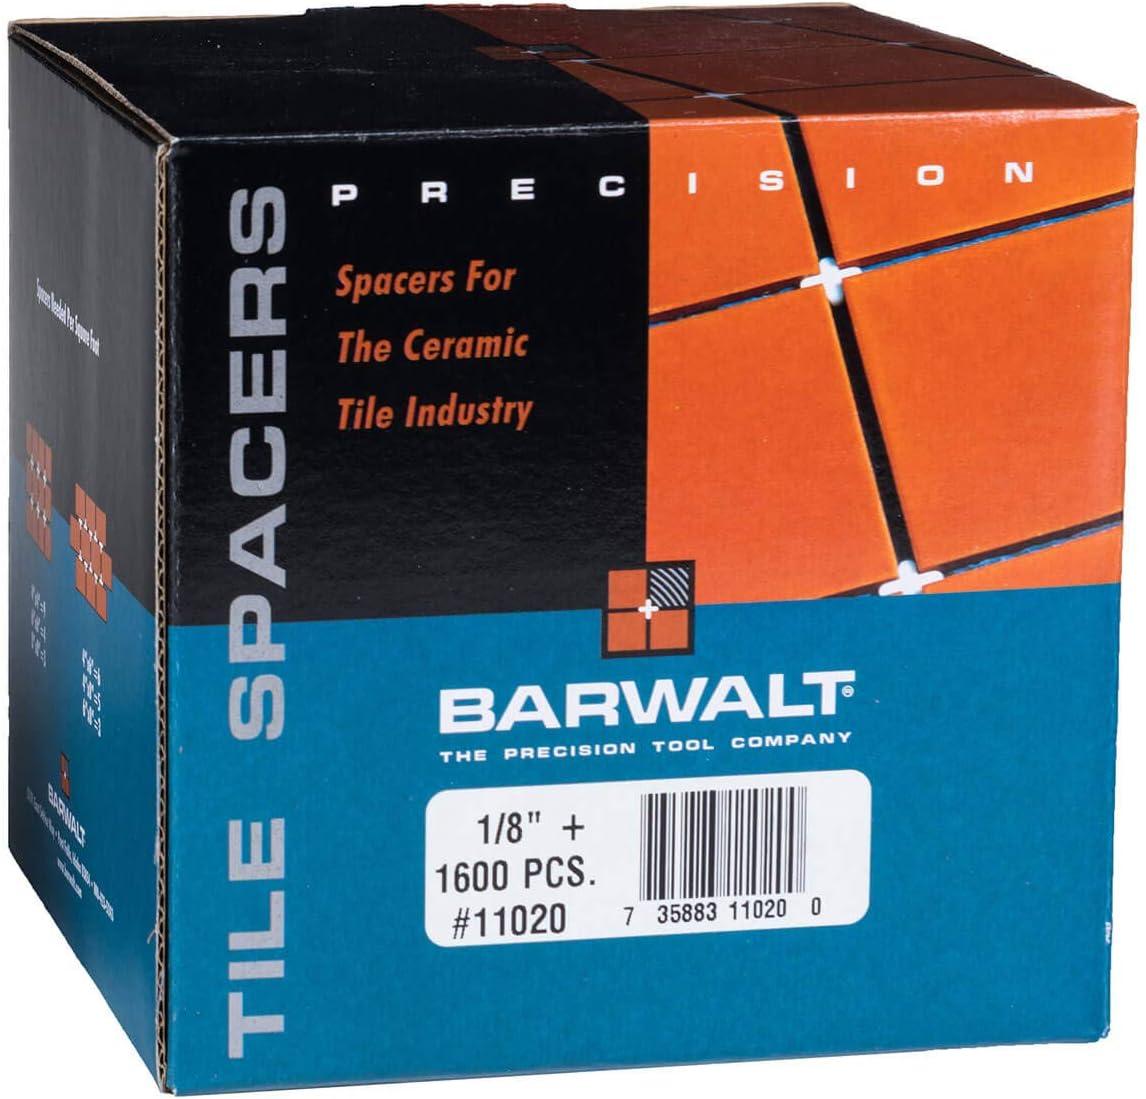 1600 Pcs Box Barwalt 1//8 Regular Tile Spacers